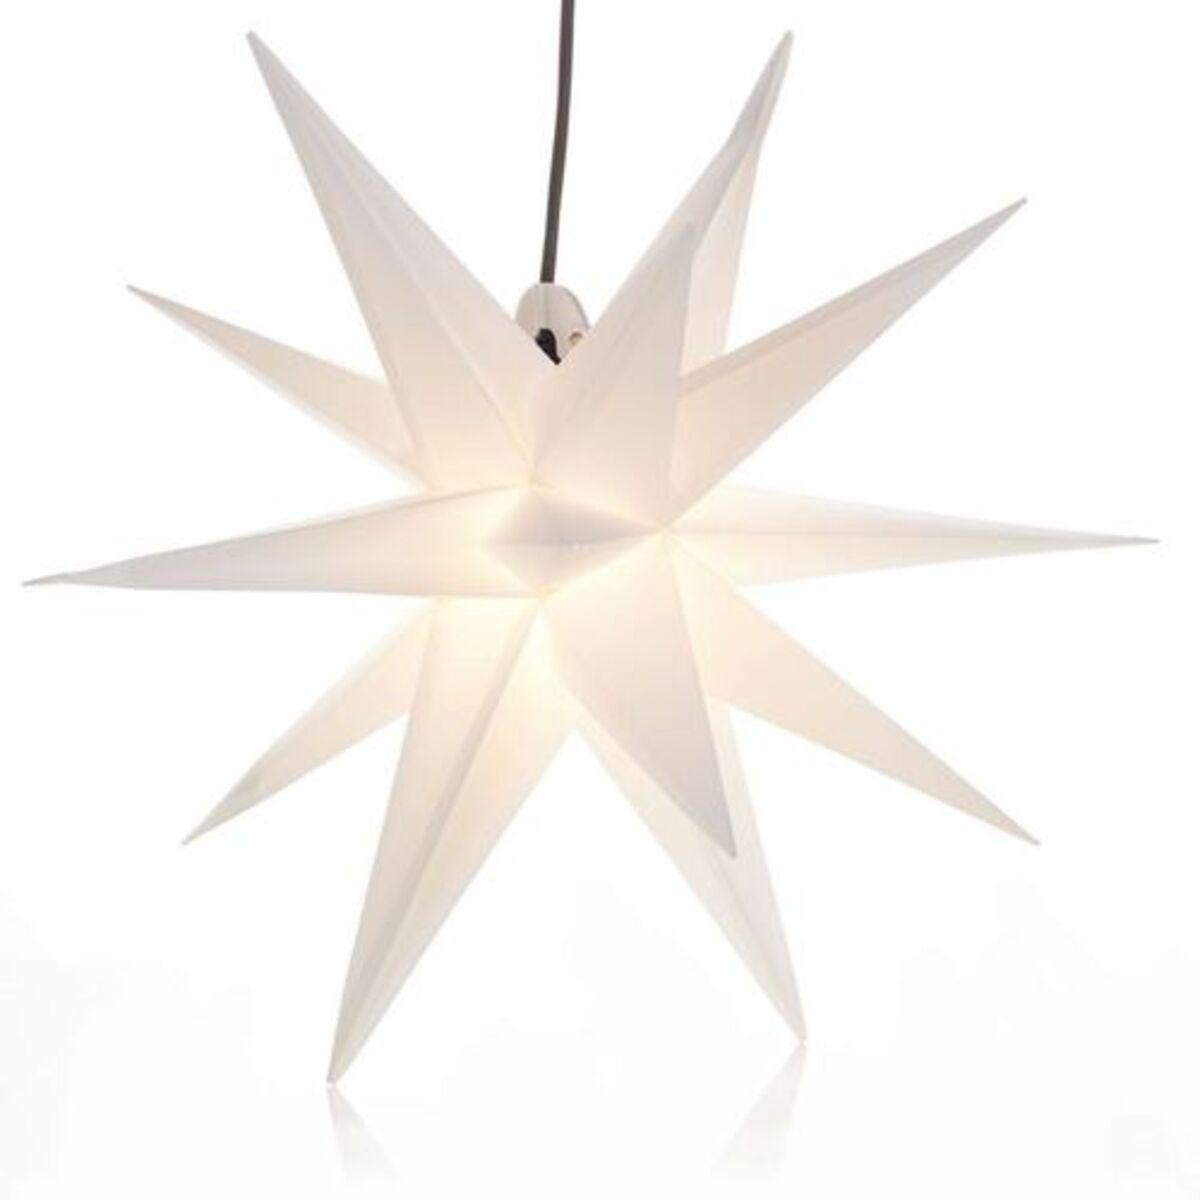 Bild 5 von Yorn Home Outdoor-Leuchtstern, Weiß, Ø 50 cm, weiß